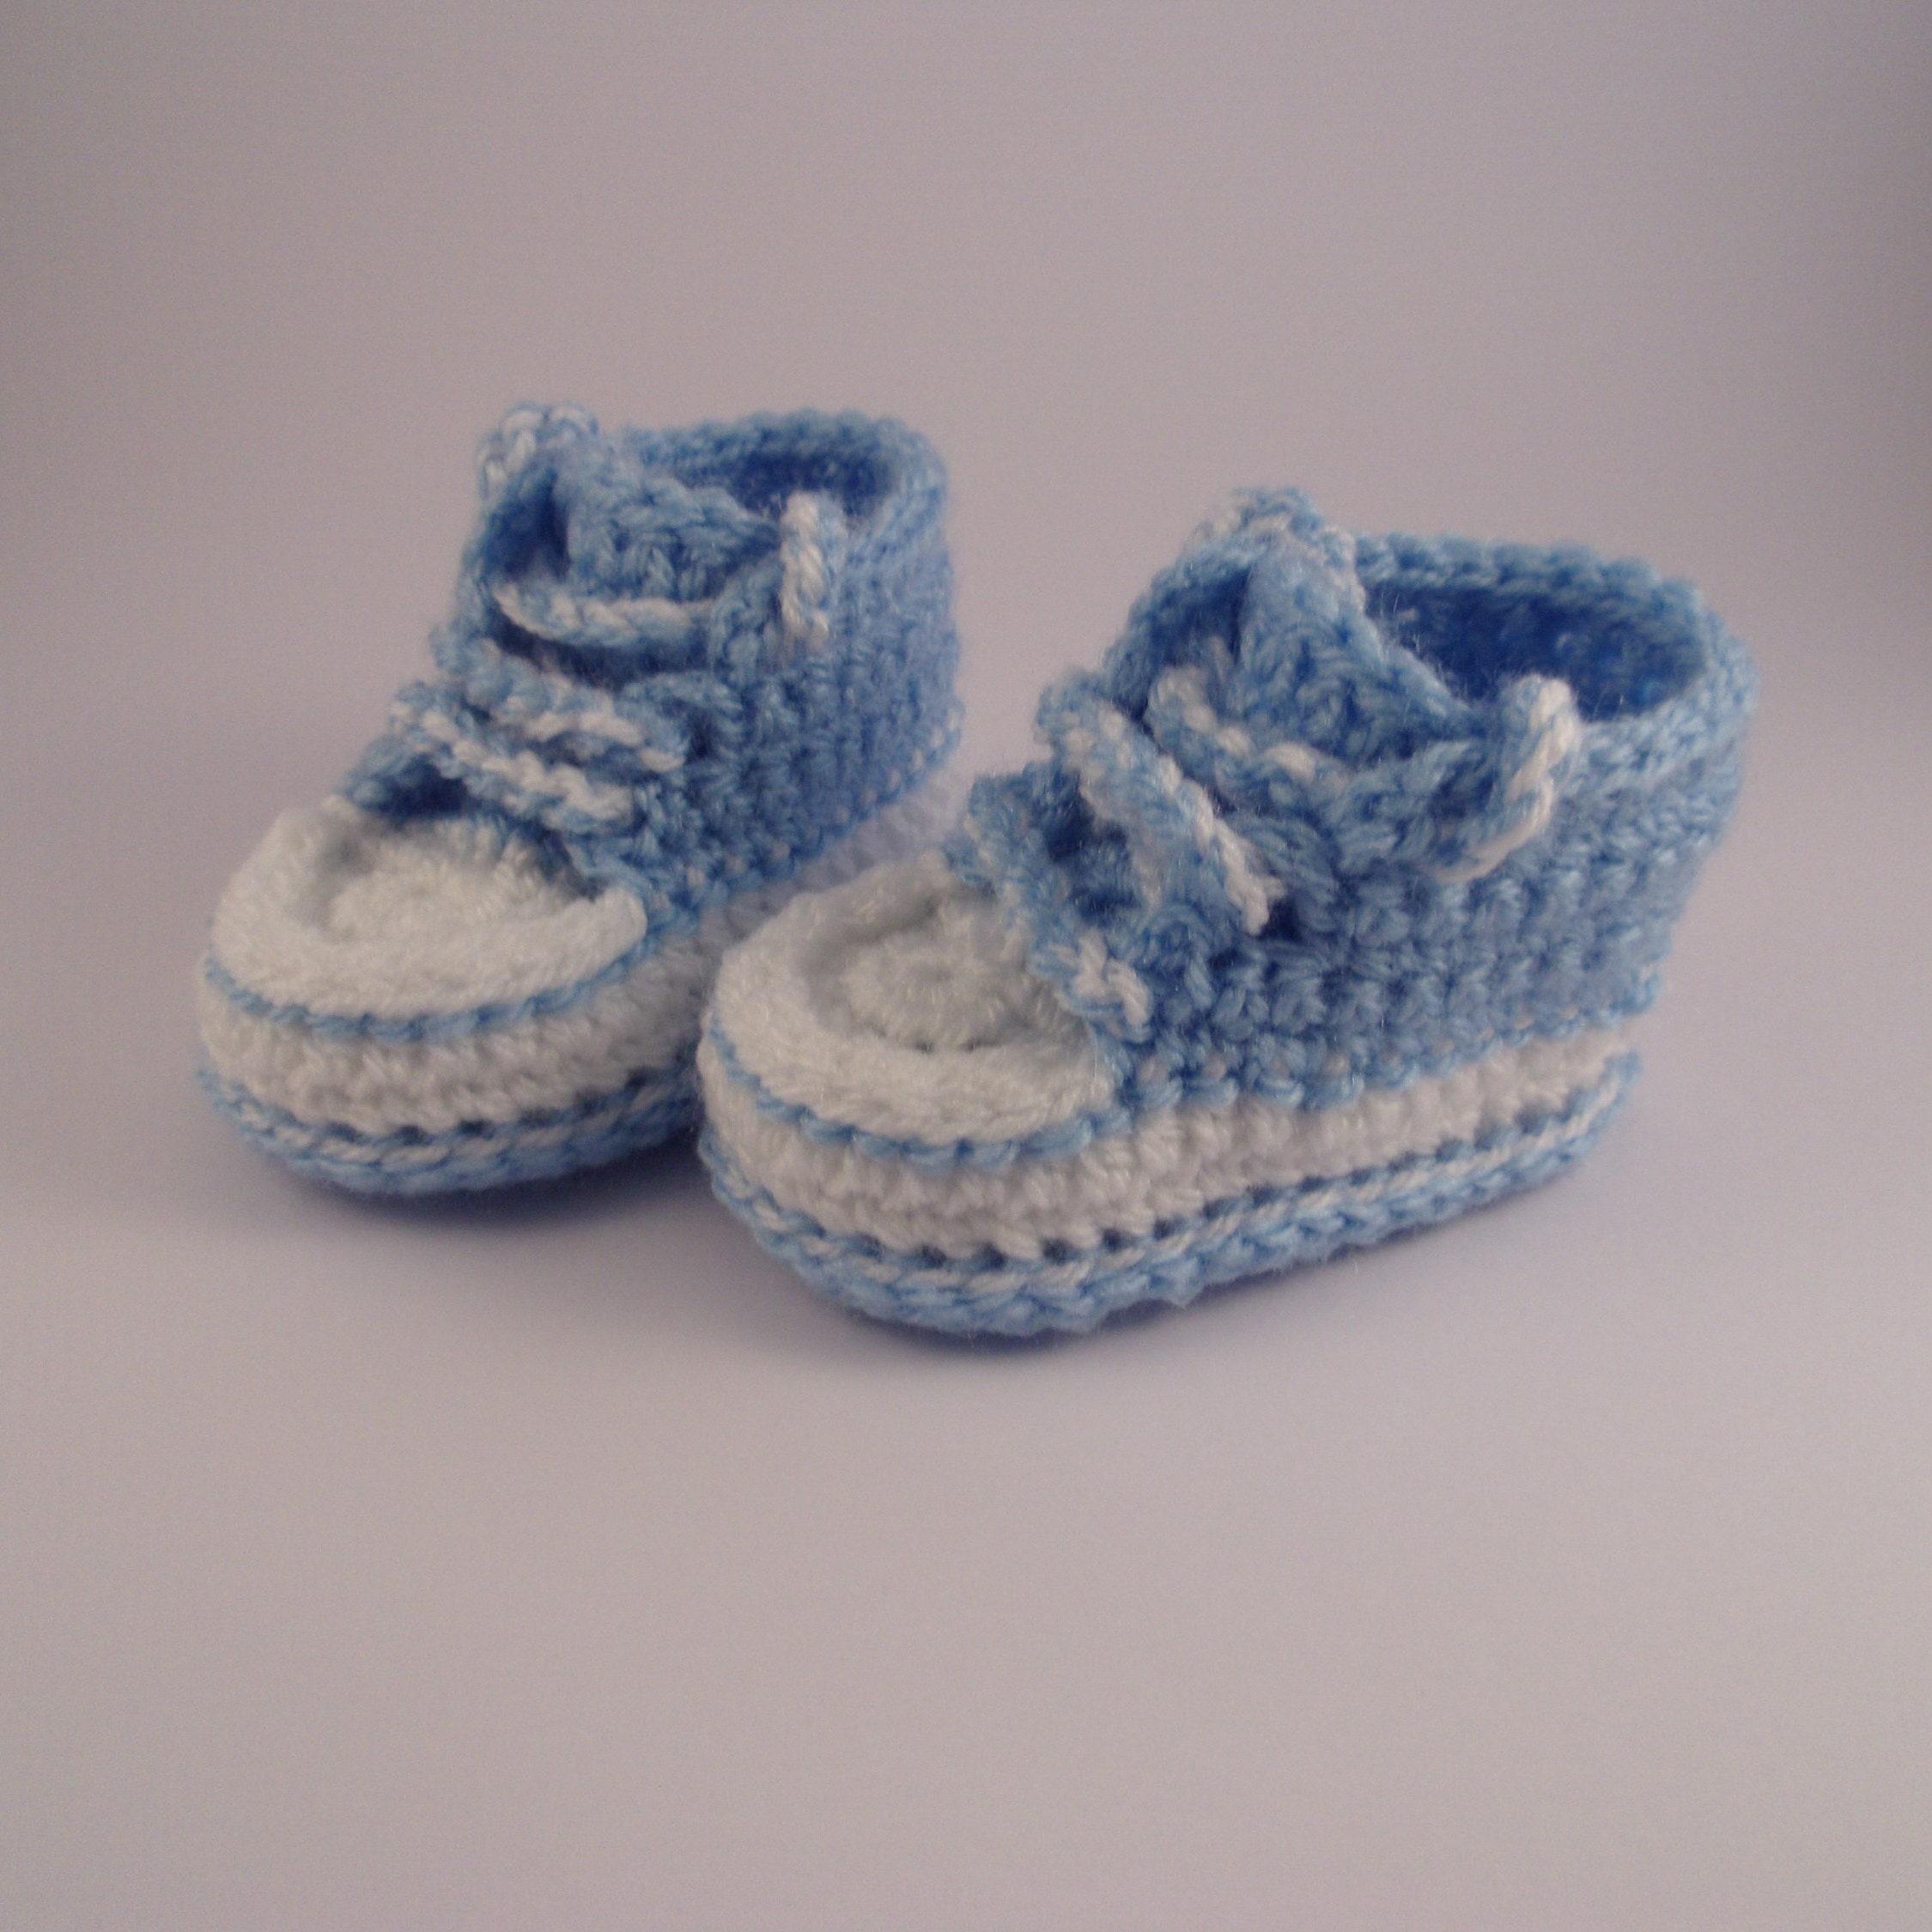 c5336b598fbf Crochet booties baby booties converse style baby booties